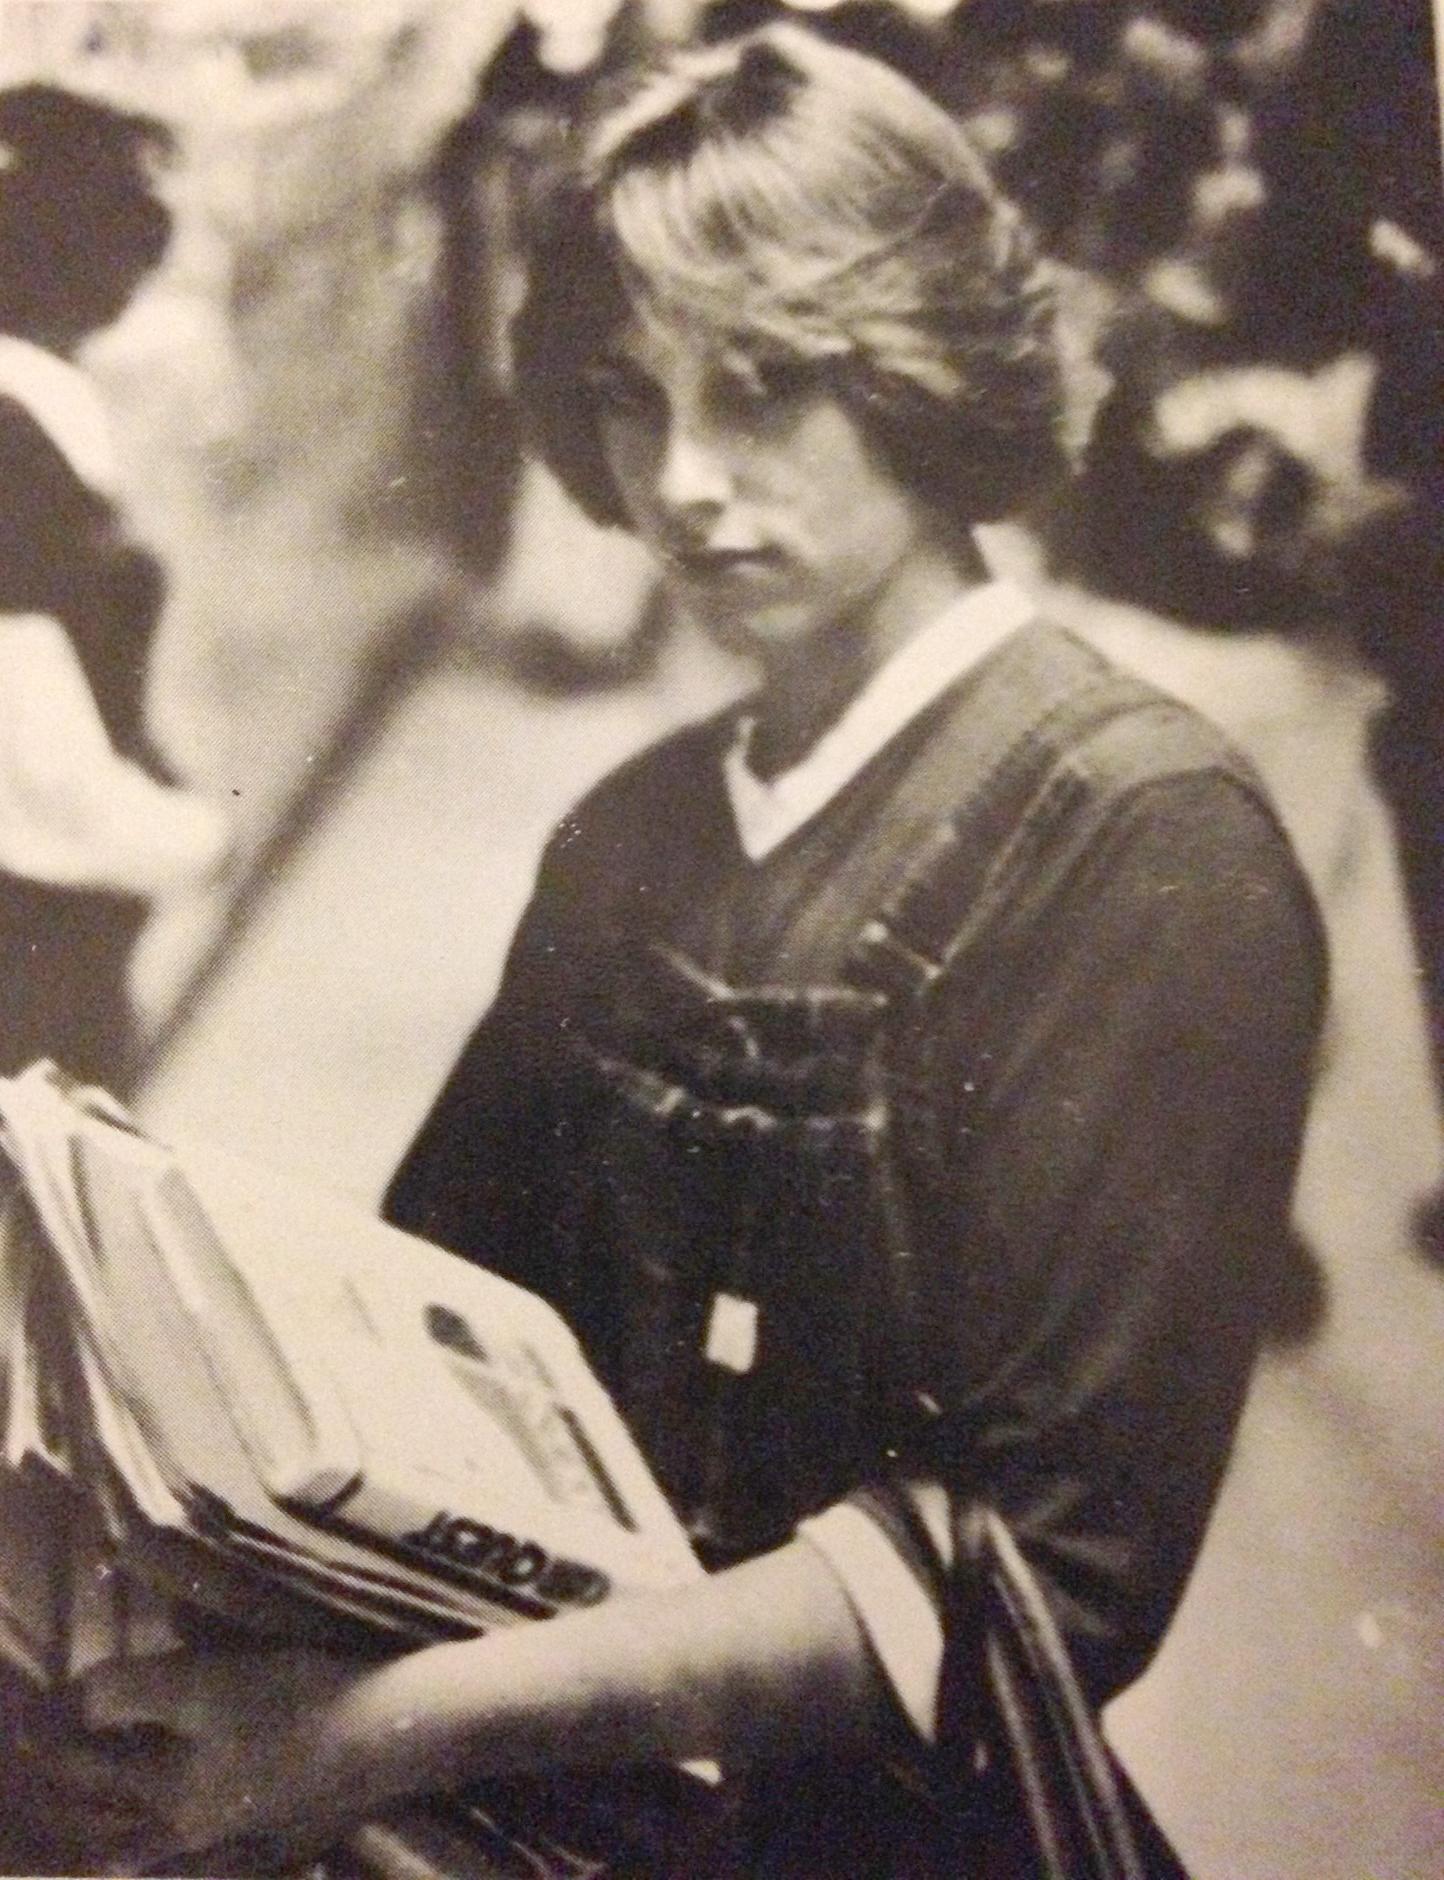 Joan at age 14